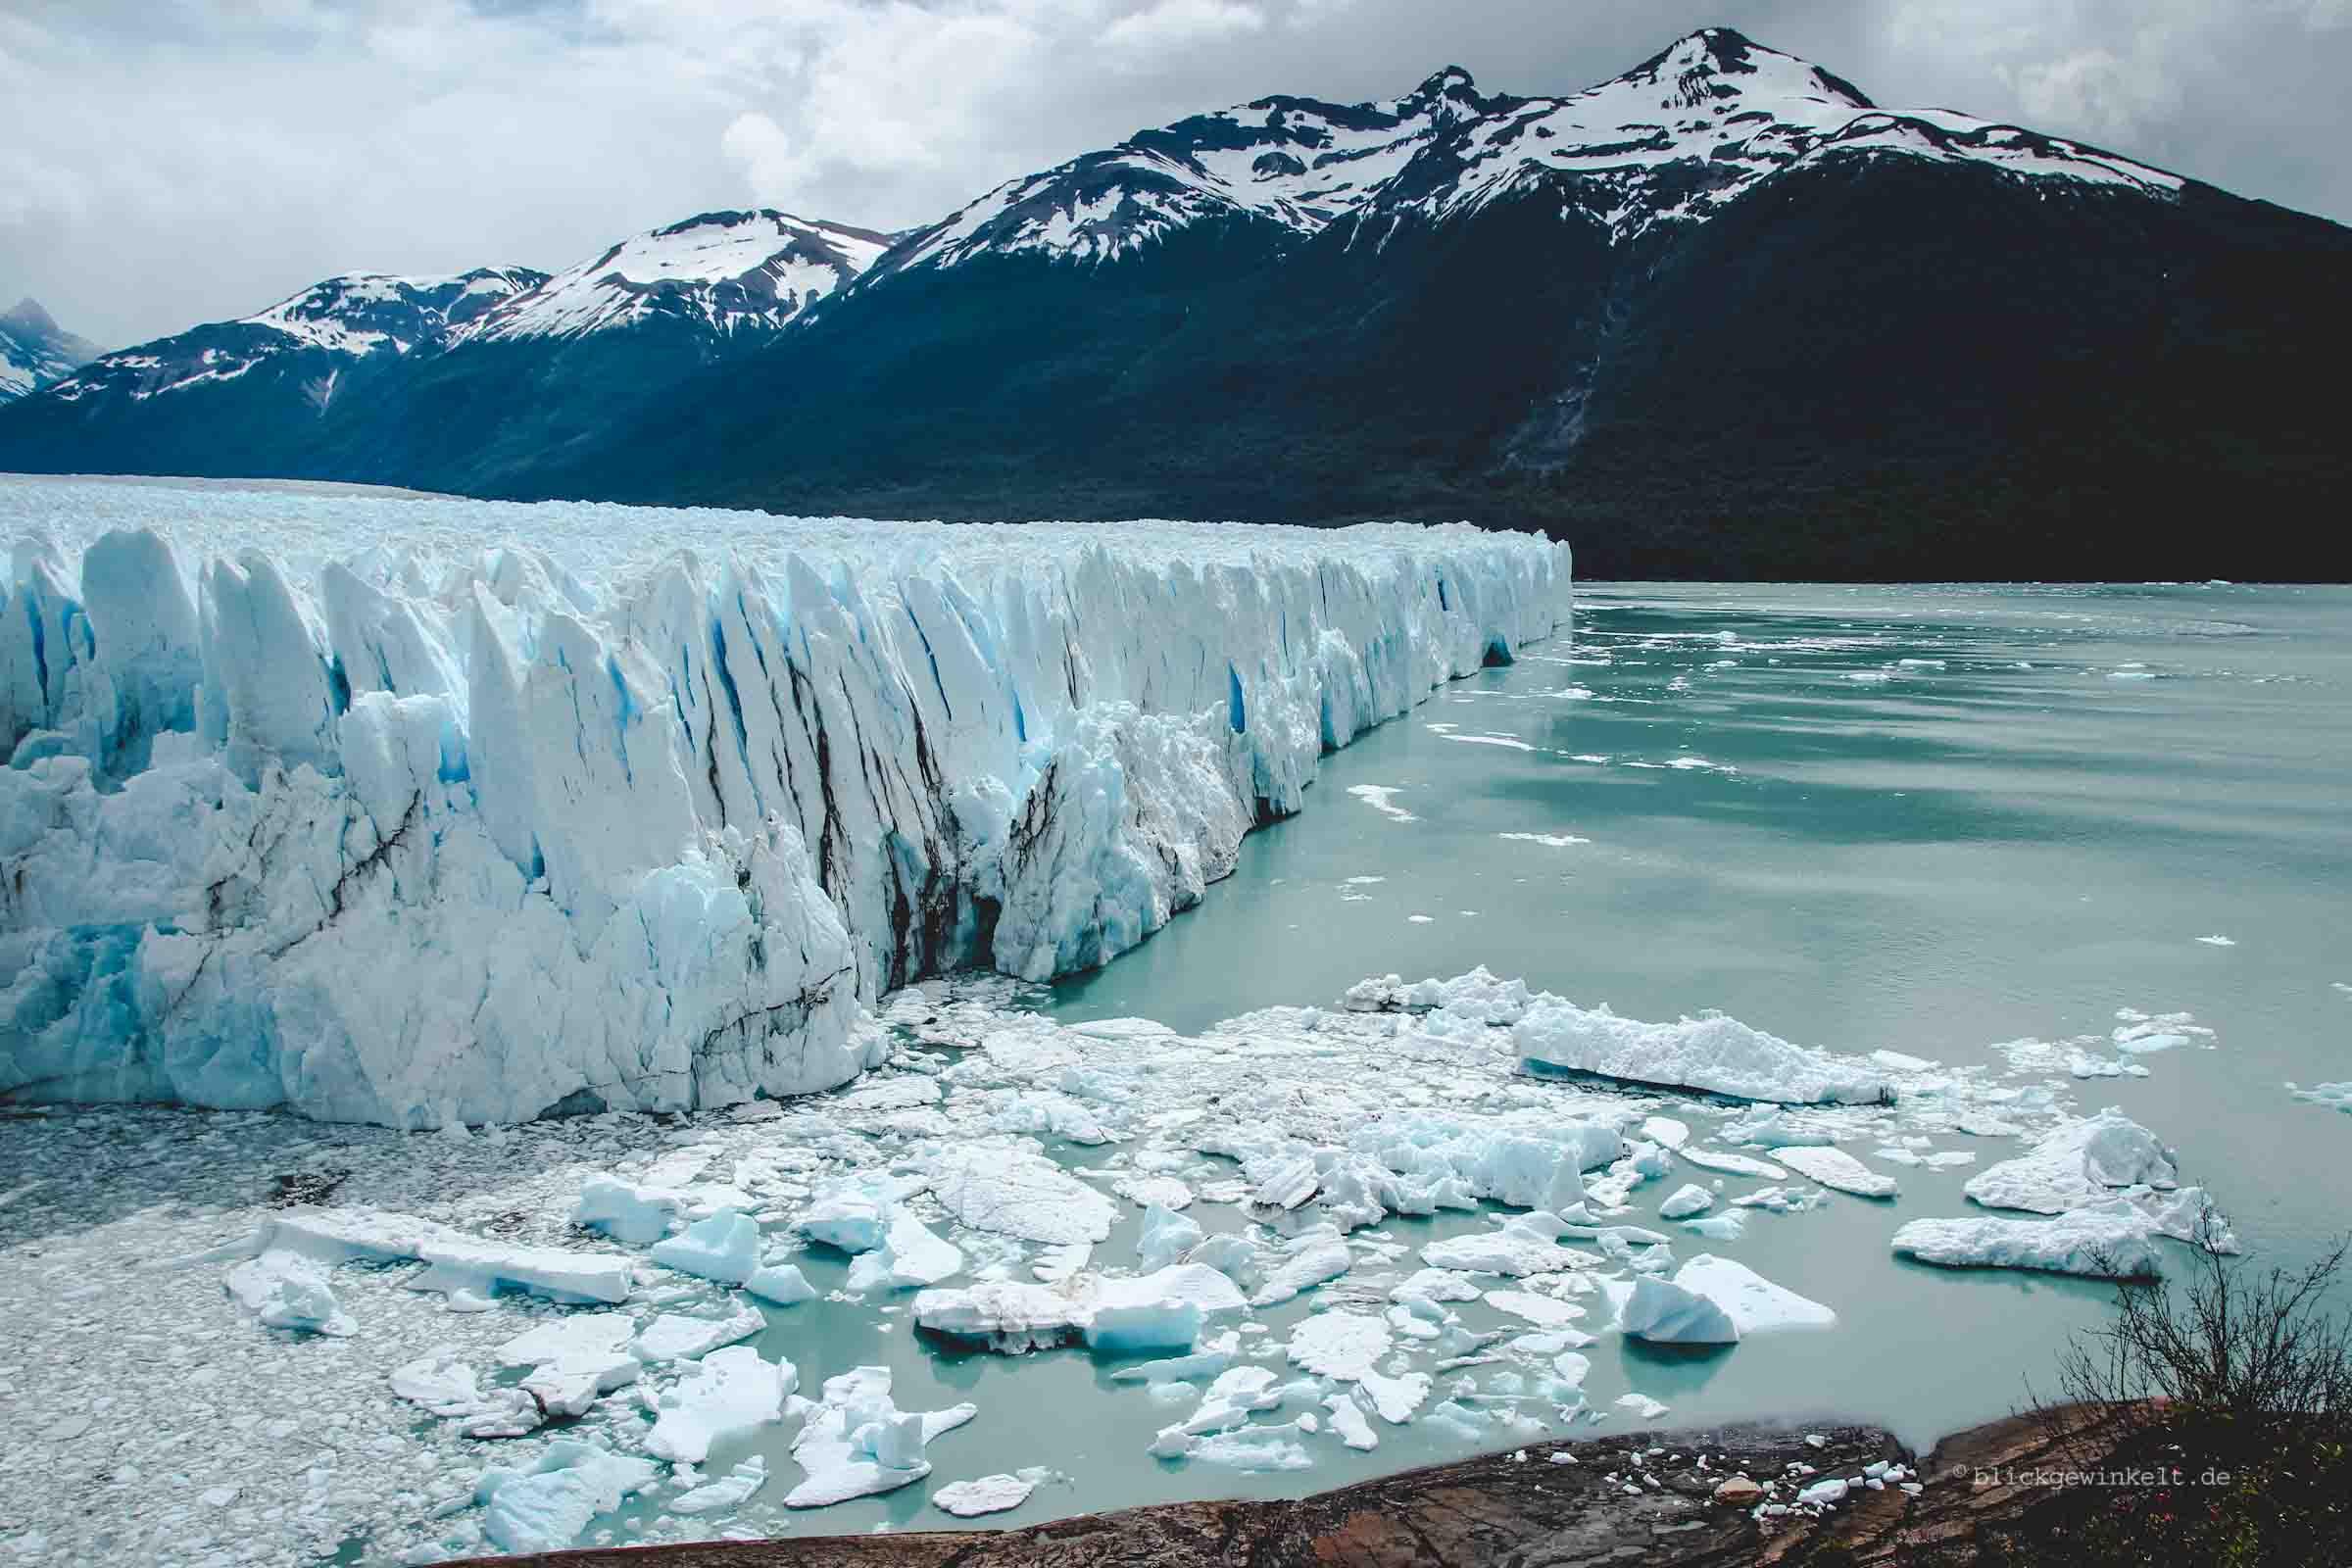 Abbruchkante des Perito Moreno mit türkisen Gletschersee